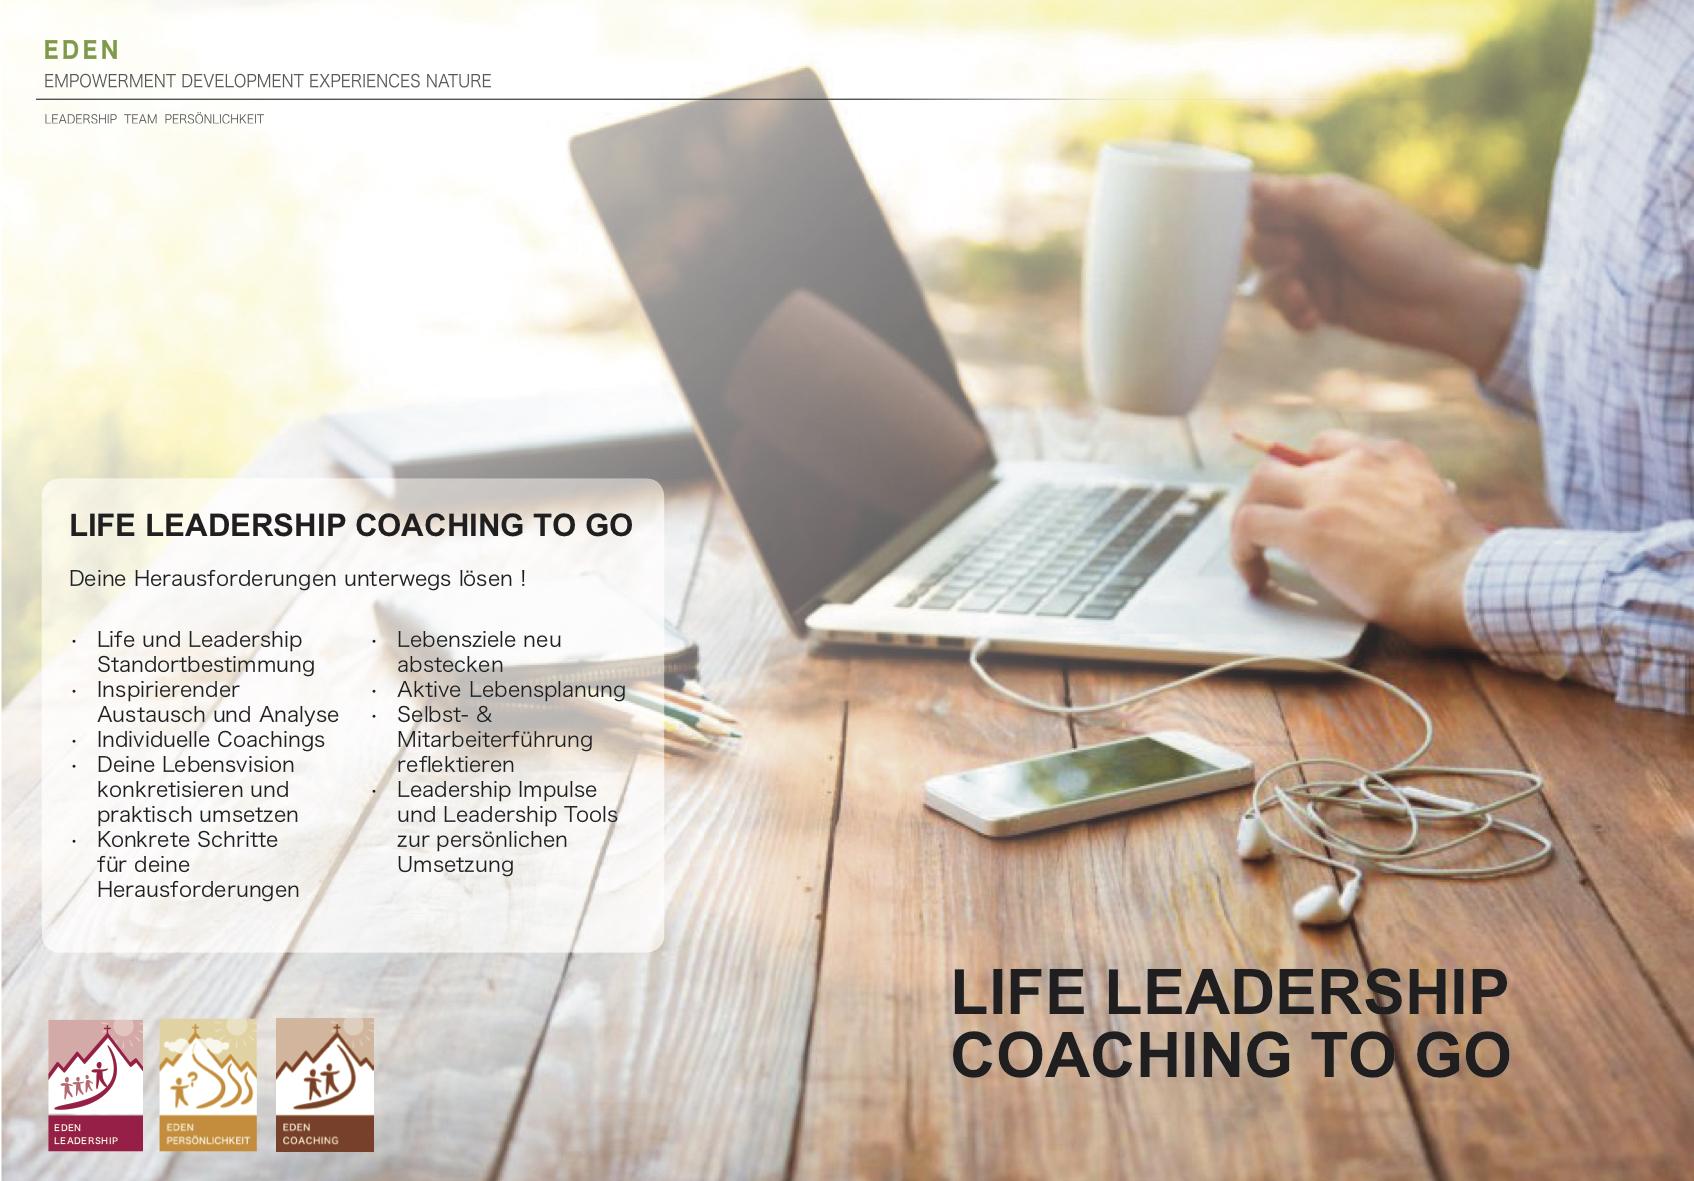 Life Leadership coaching togo Flyer Kopie